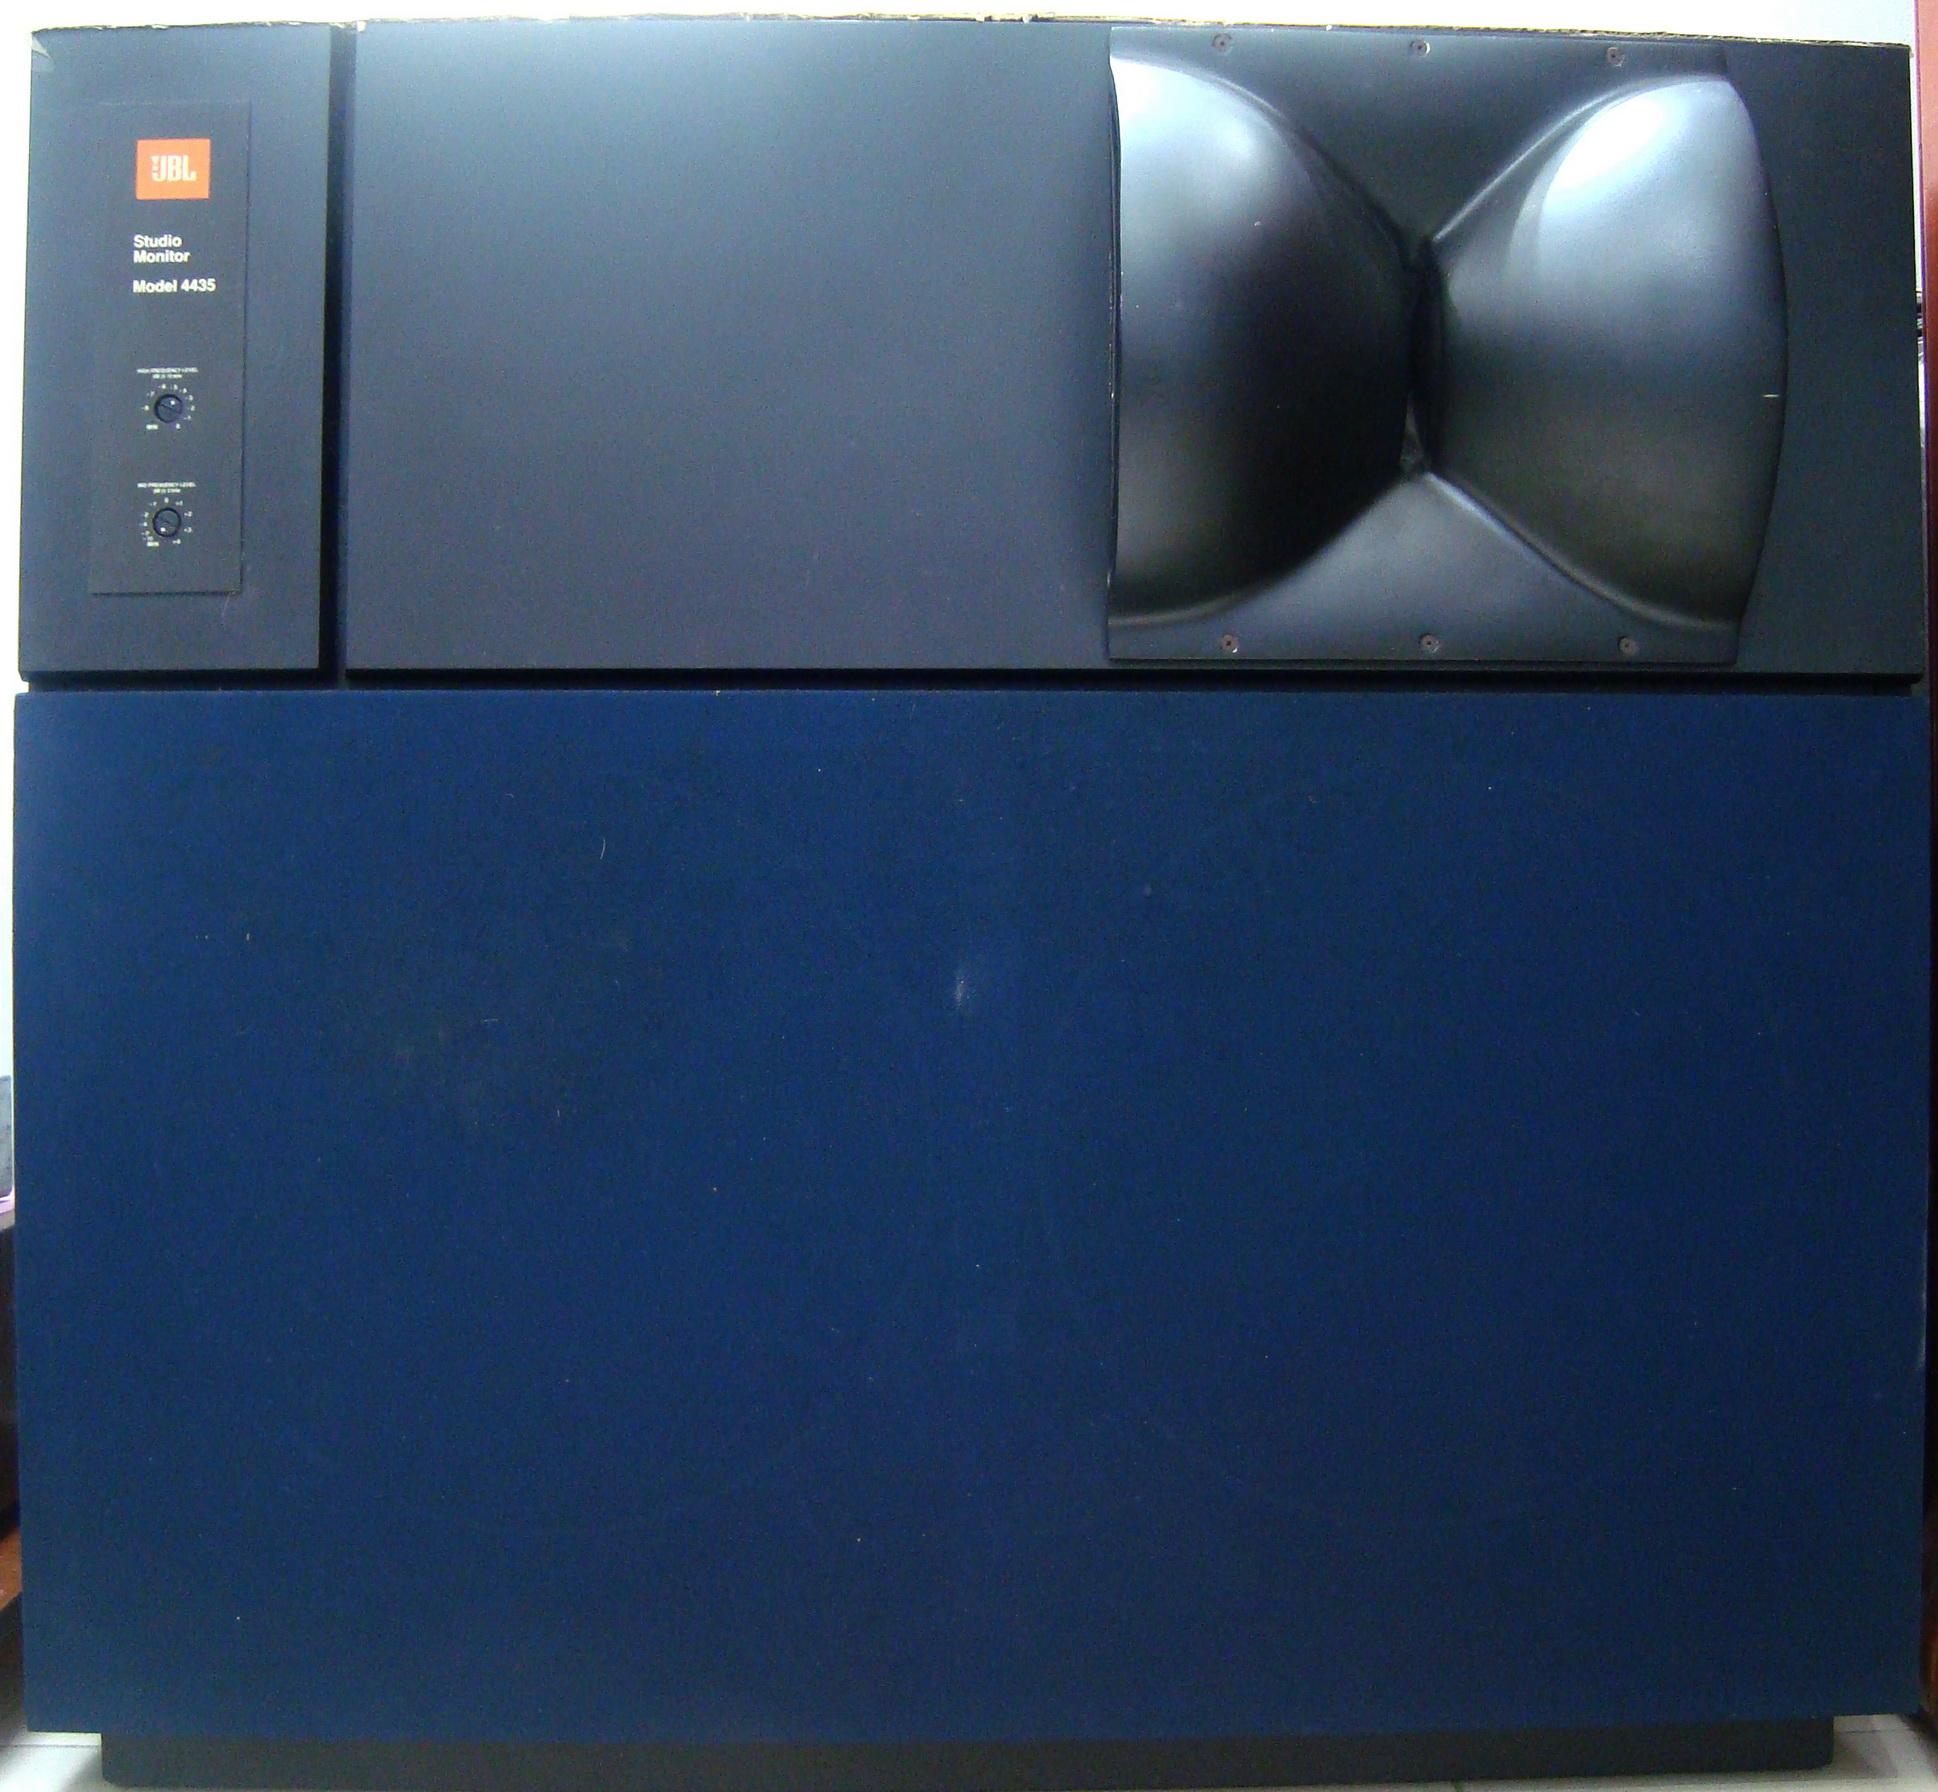 1 Giao lưu, mua bán CD Player, Amply, Loa nổi tiếng thế giới